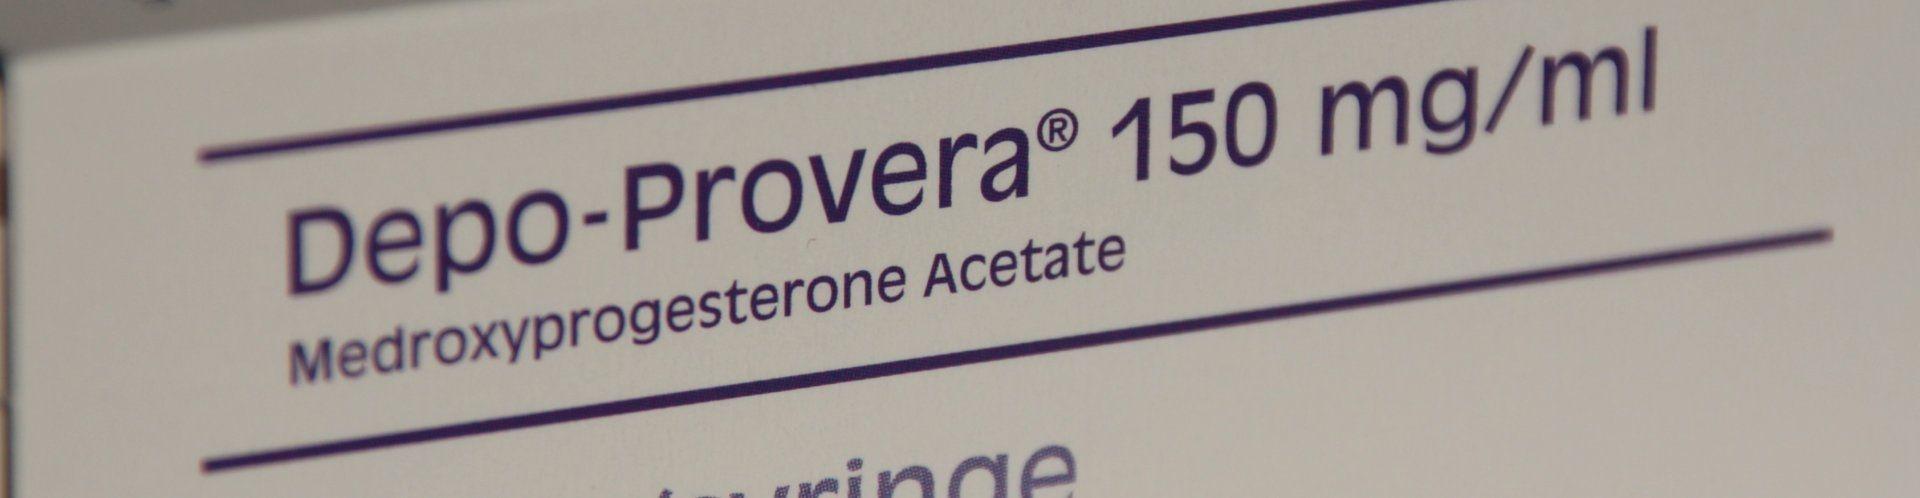 Depo-Provera Dates Calculator - University Health Service